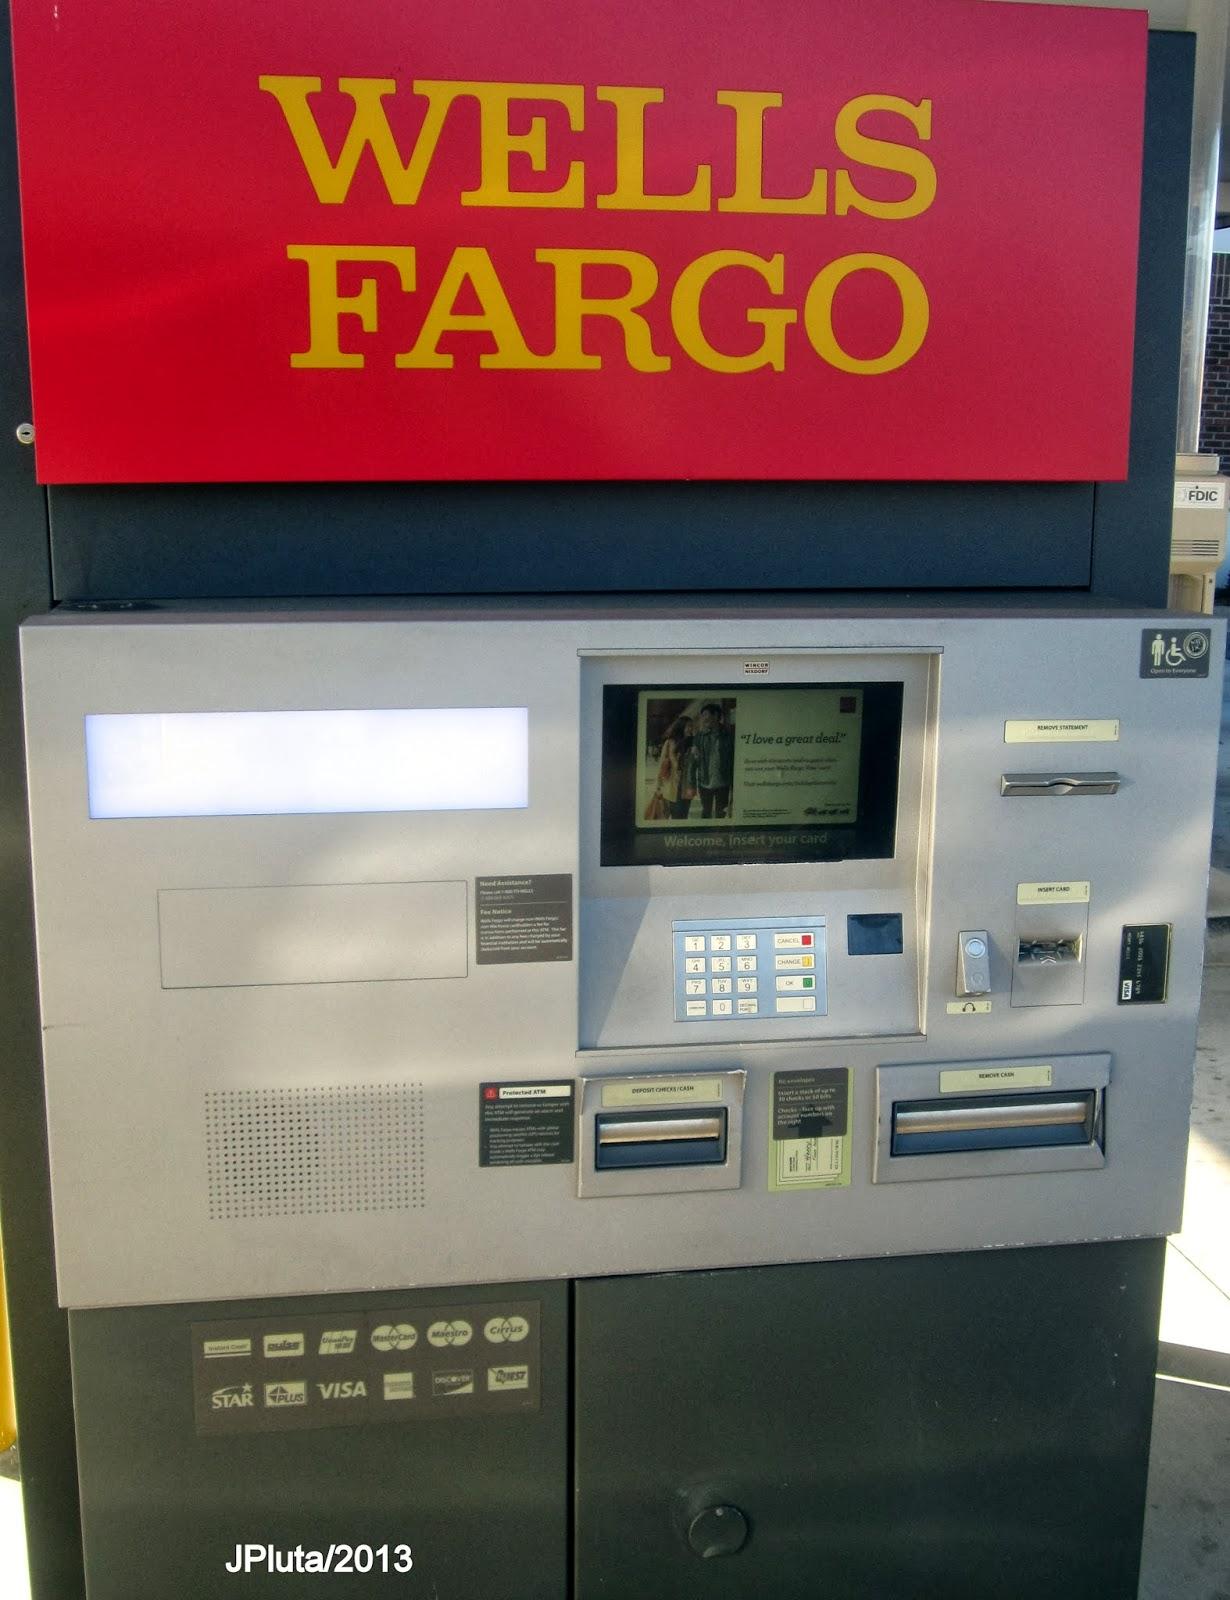 fargo atm machine